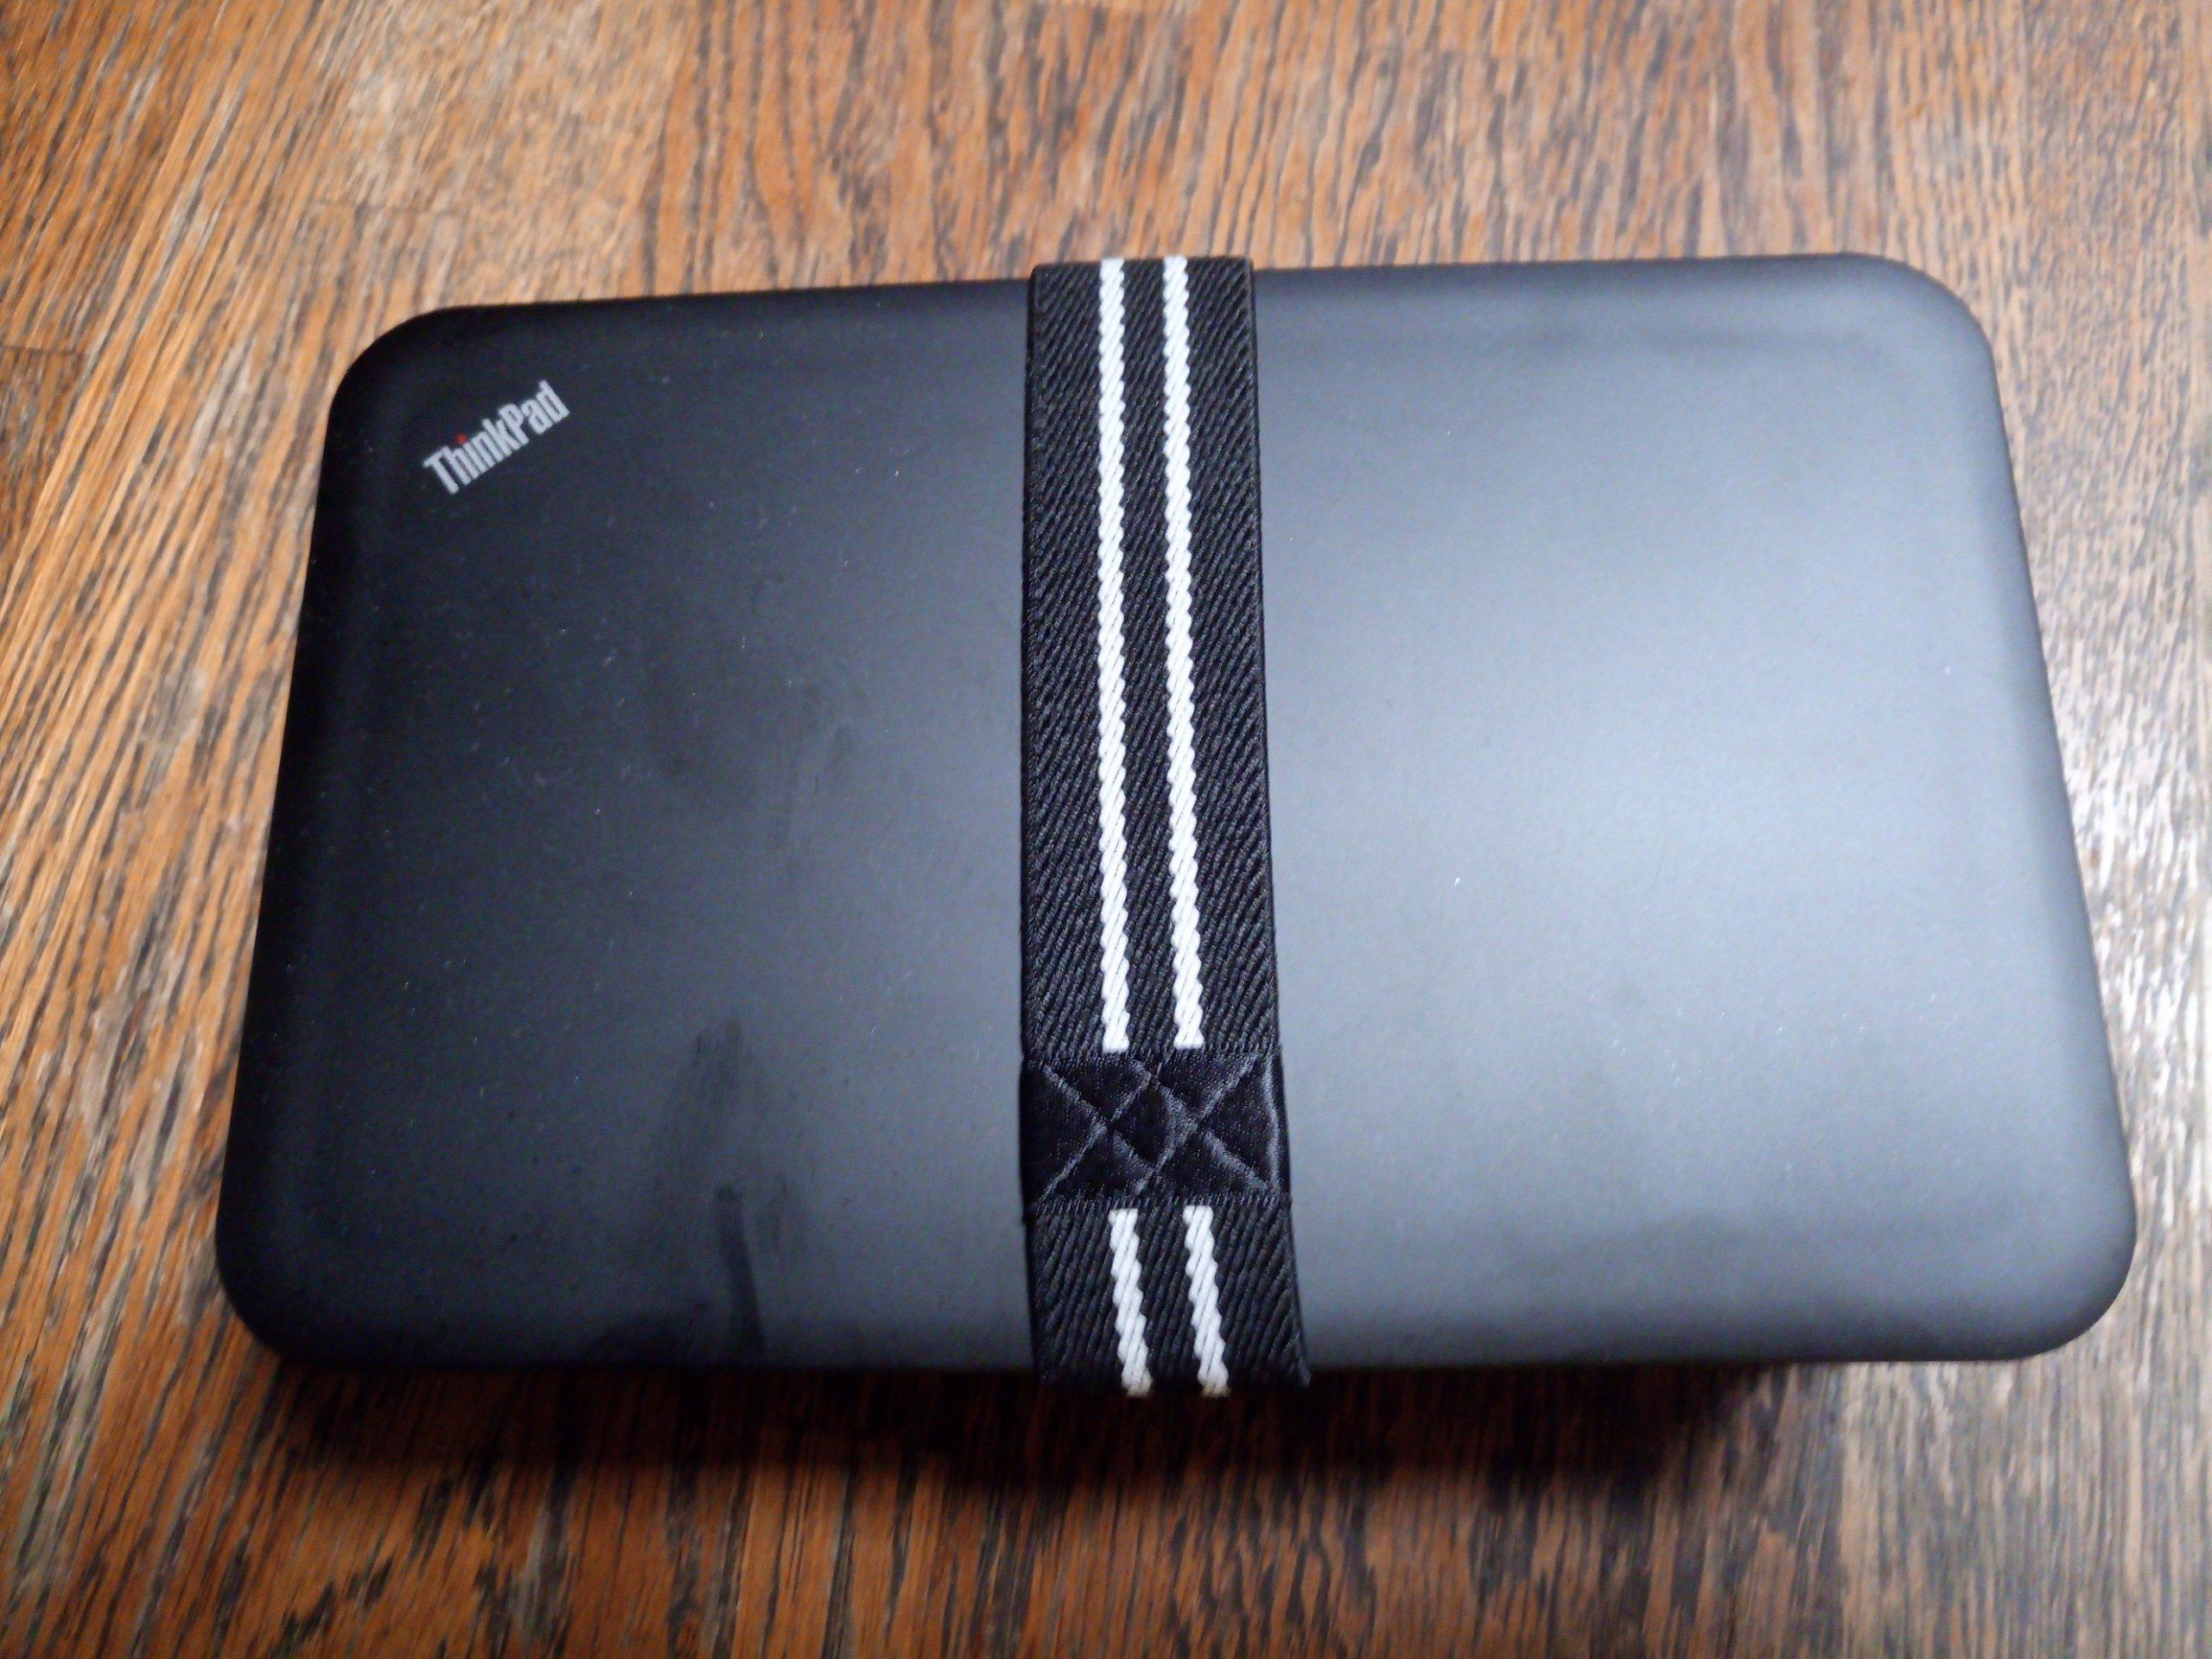 ThinkPad オリジナル弁当箱全景